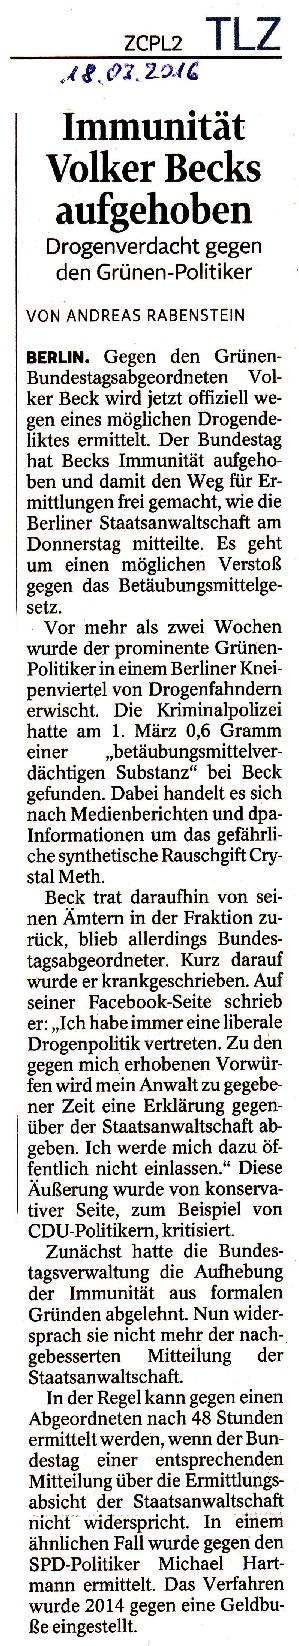 Immunität Volker Becks aufgehoben - TLZ v. 18.03.2016